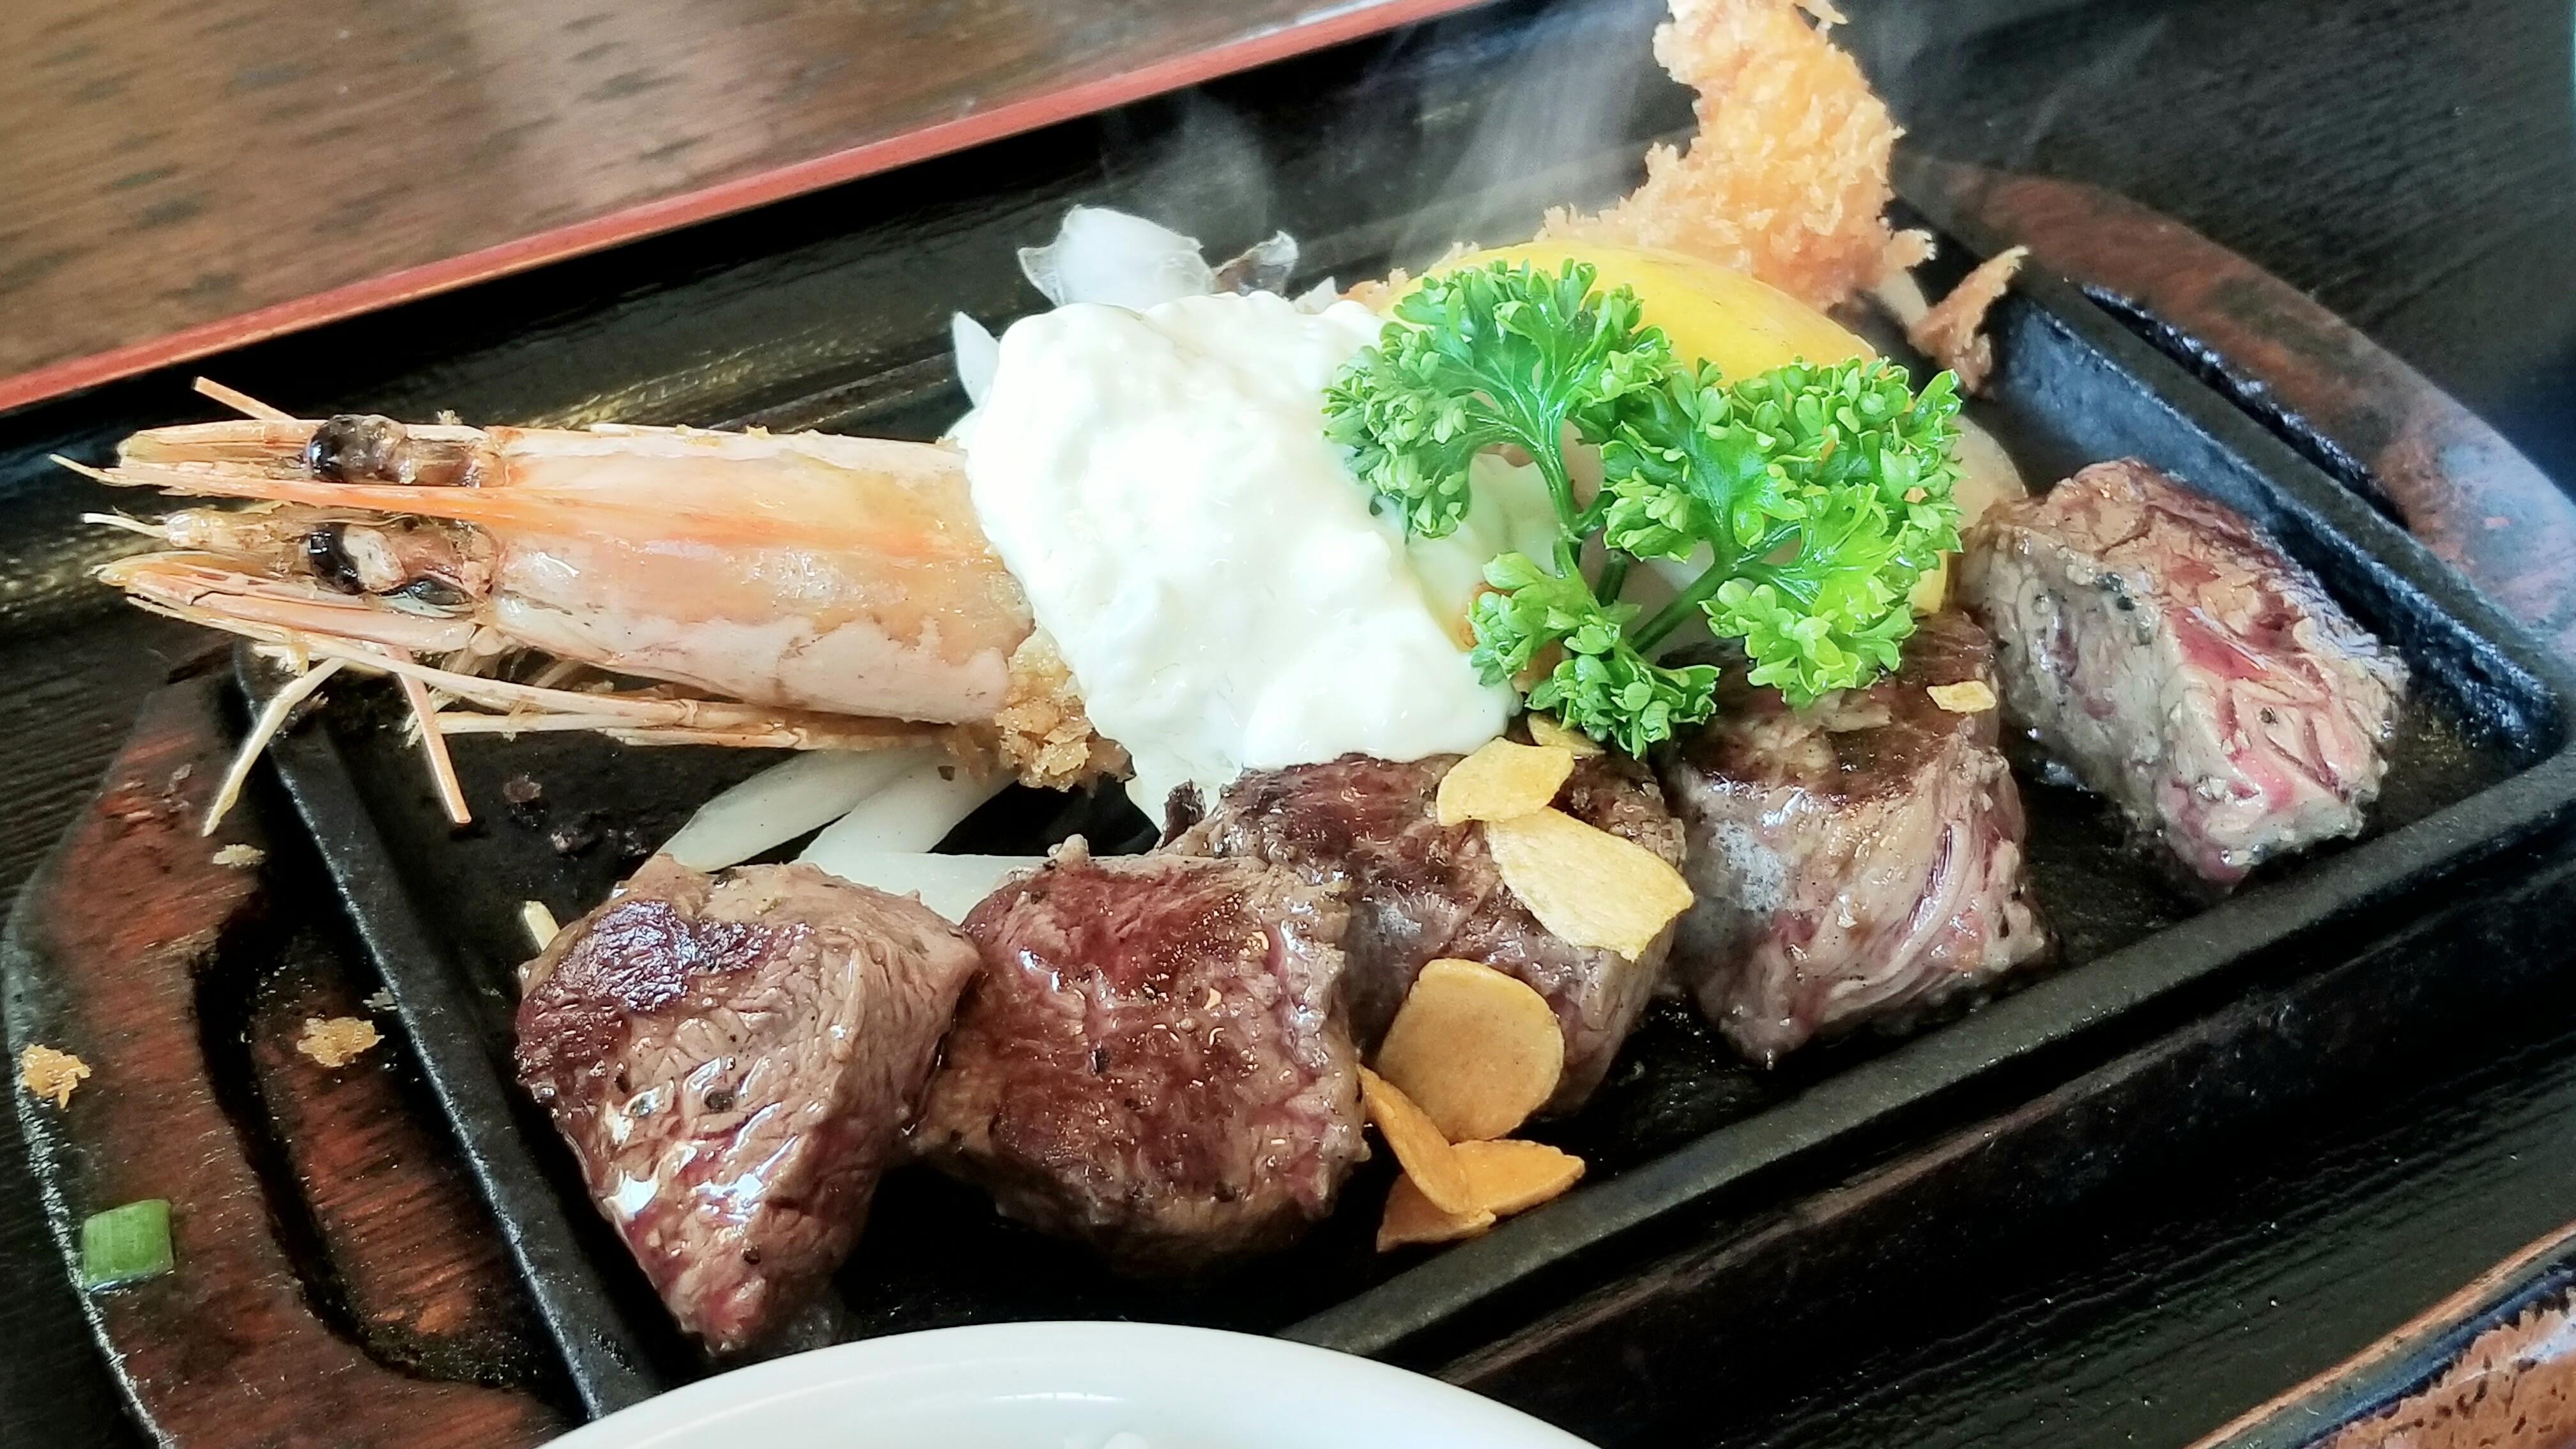 Jふらんく愛媛県松山市おすすめおいしいランチステーキ安人気グルメ